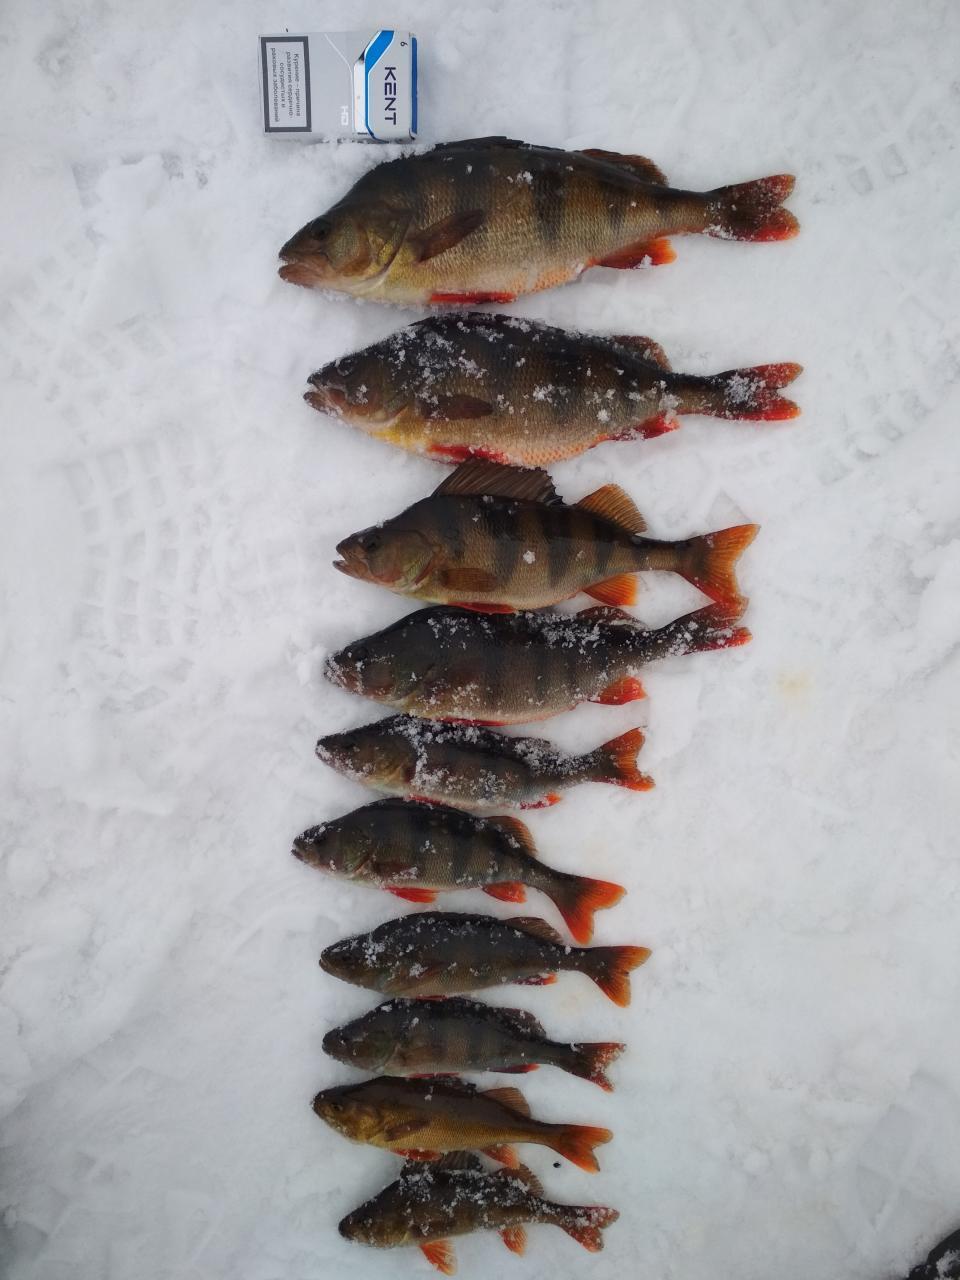 Побывал и я на картах сегодня.Поставили 10 ставок ... | Отчеты о рыбалке в Беларуси